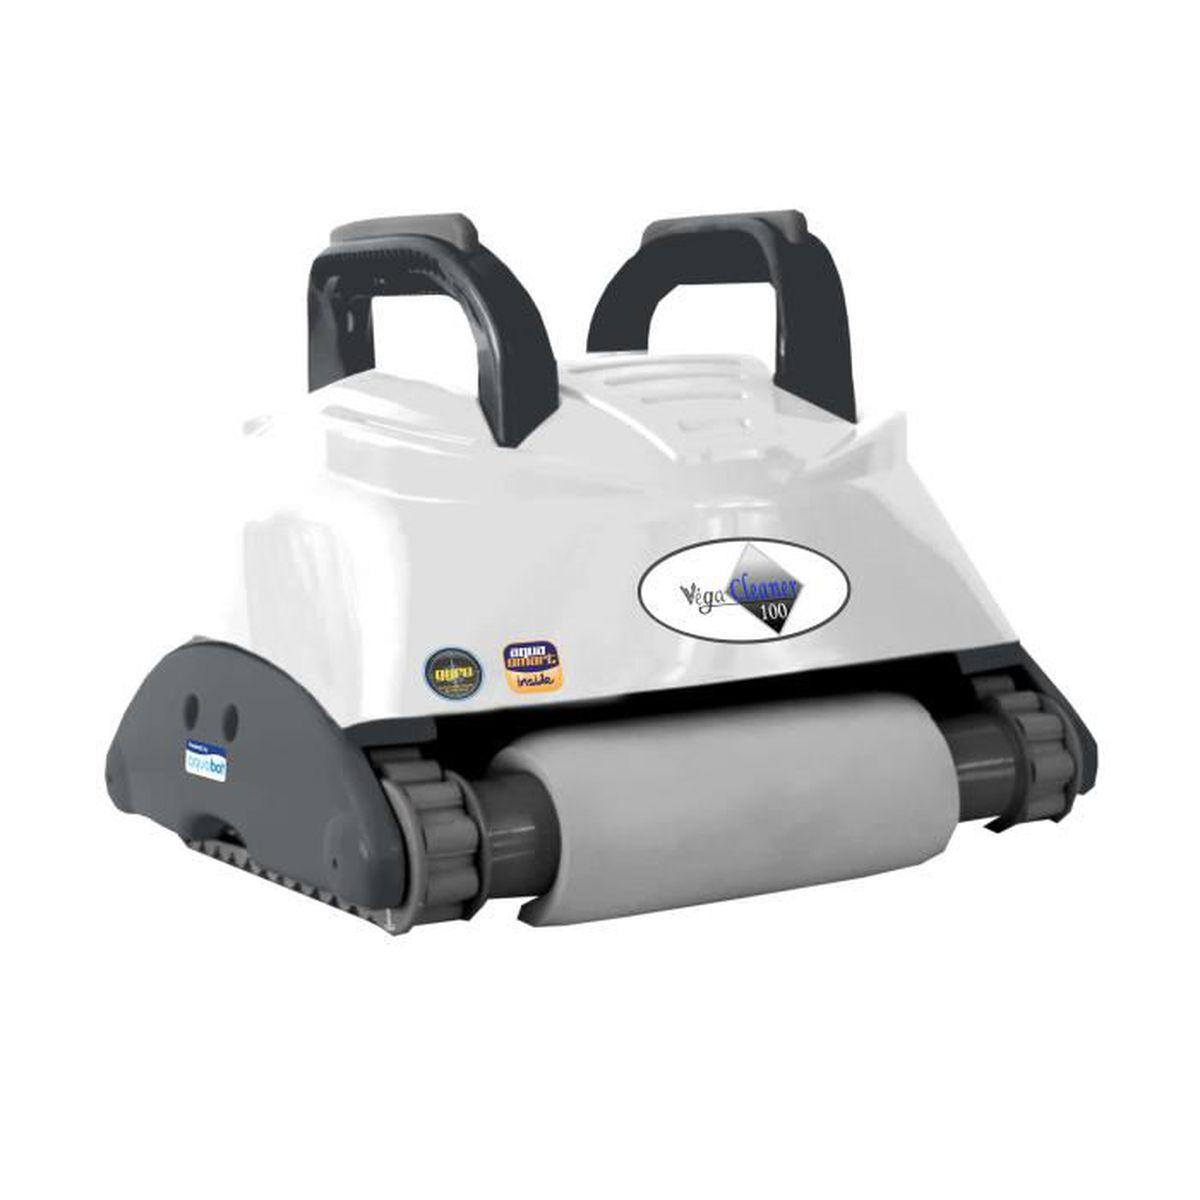 Robot Vegacleaner 100 By Aquabot - Achat / Vente Entretien ... destiné Robot Piscine Cdiscount